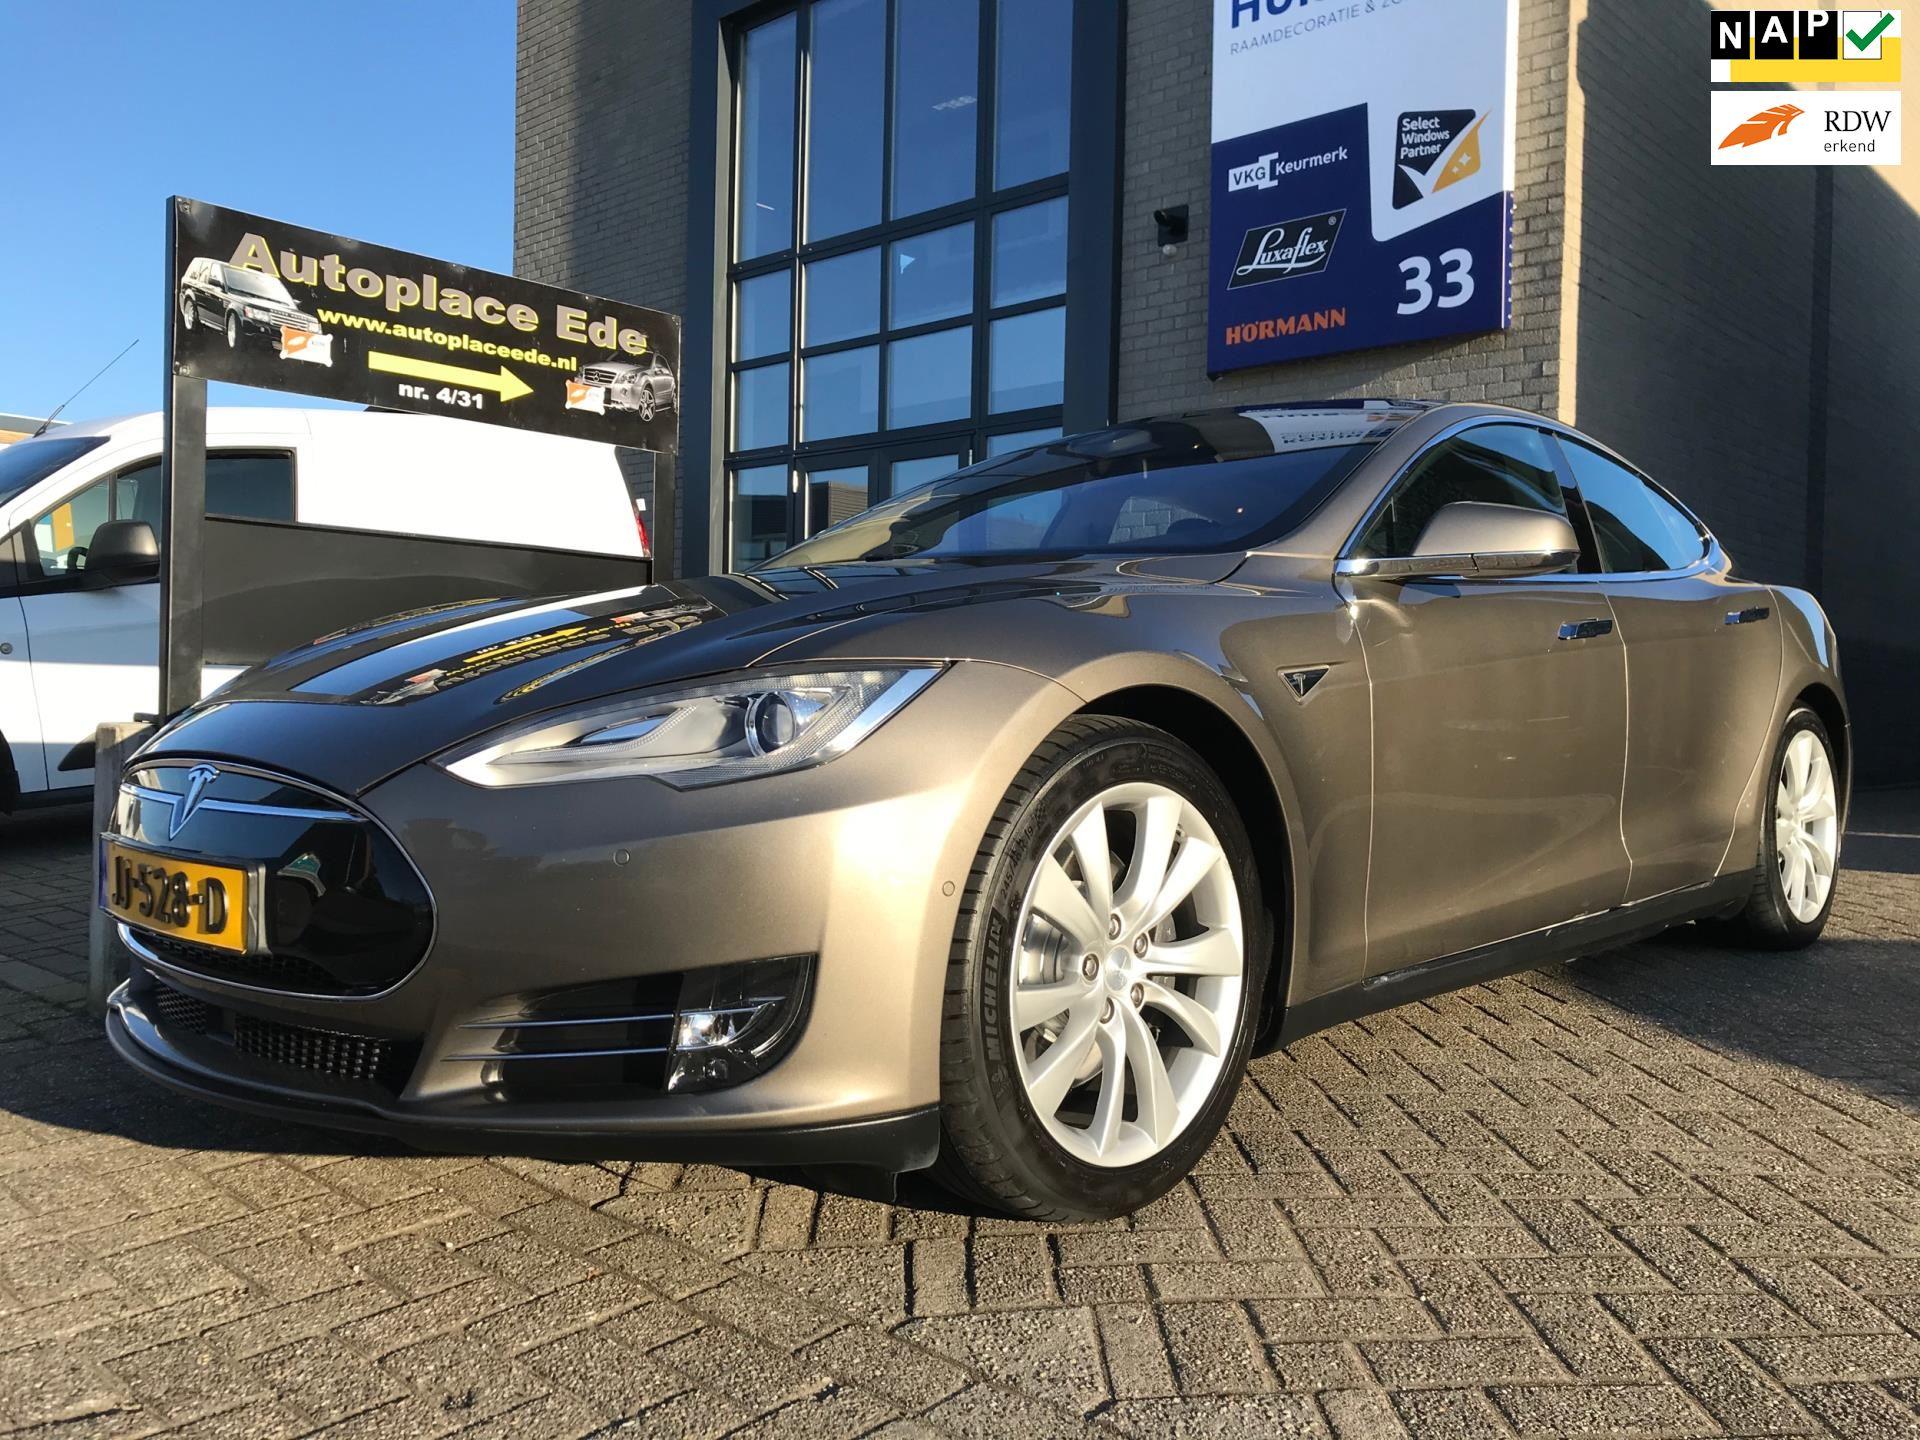 Tesla Model S occasion - autoplaceede